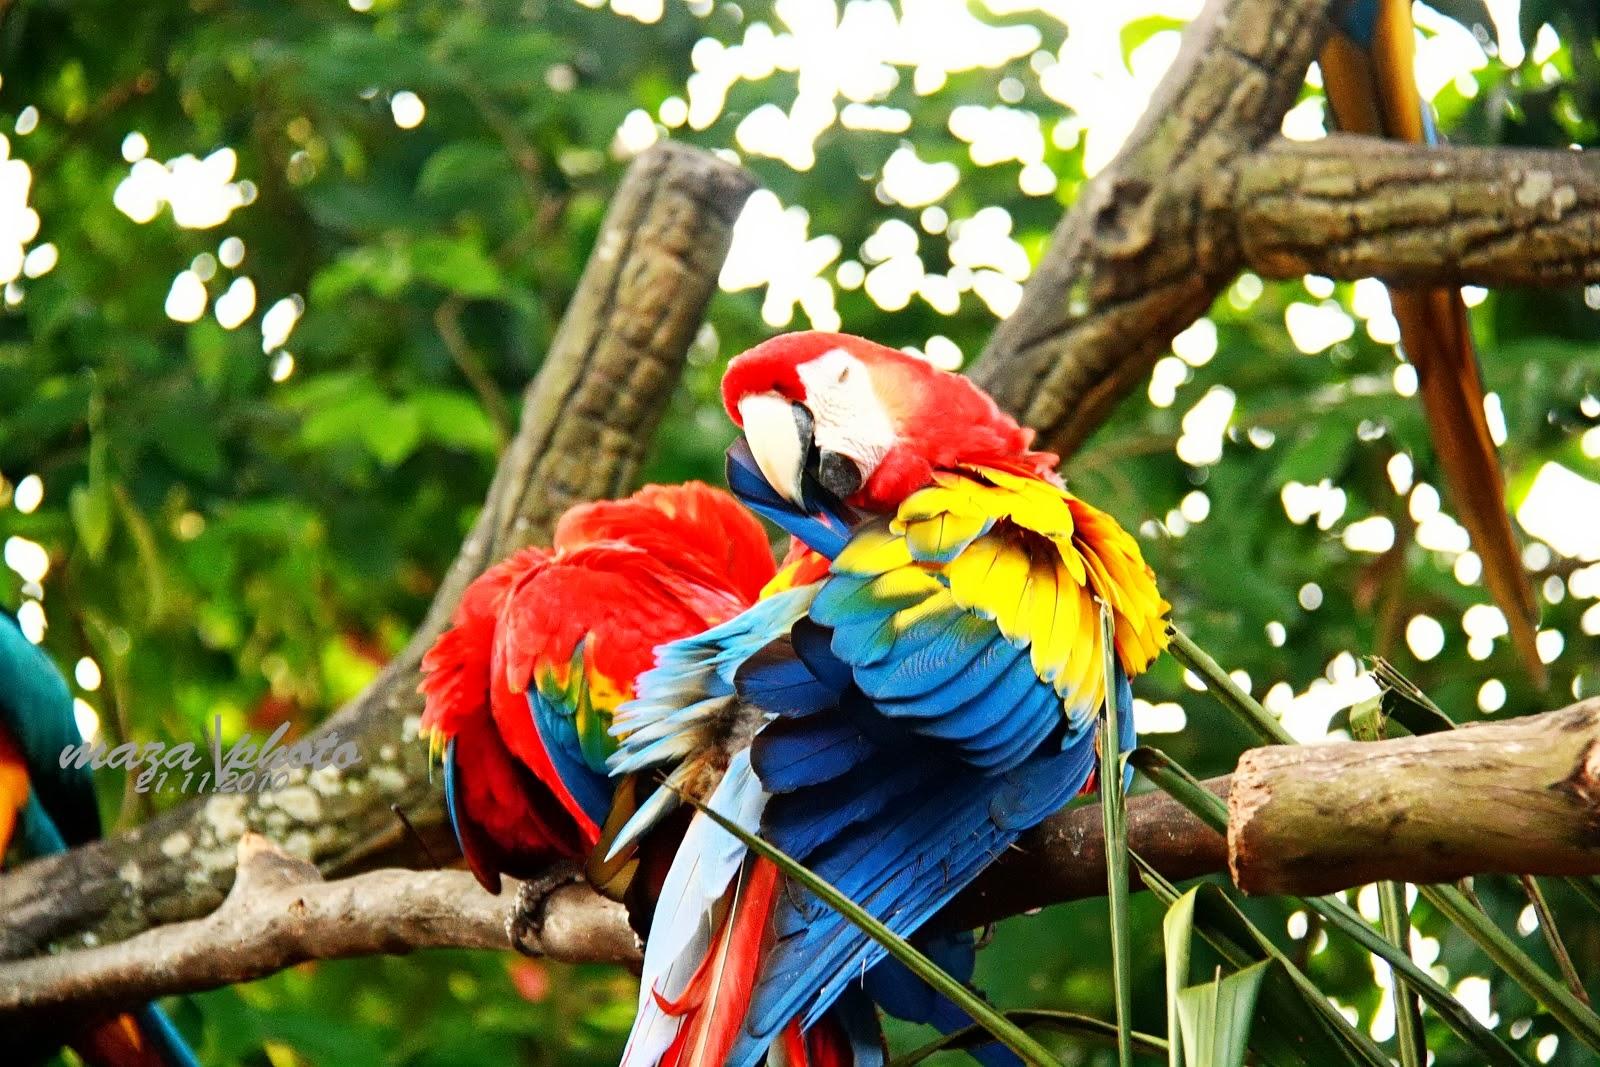 Gambar Burung Aneh Dan Lucu Hasil Manipulasi Photoshop Gambar